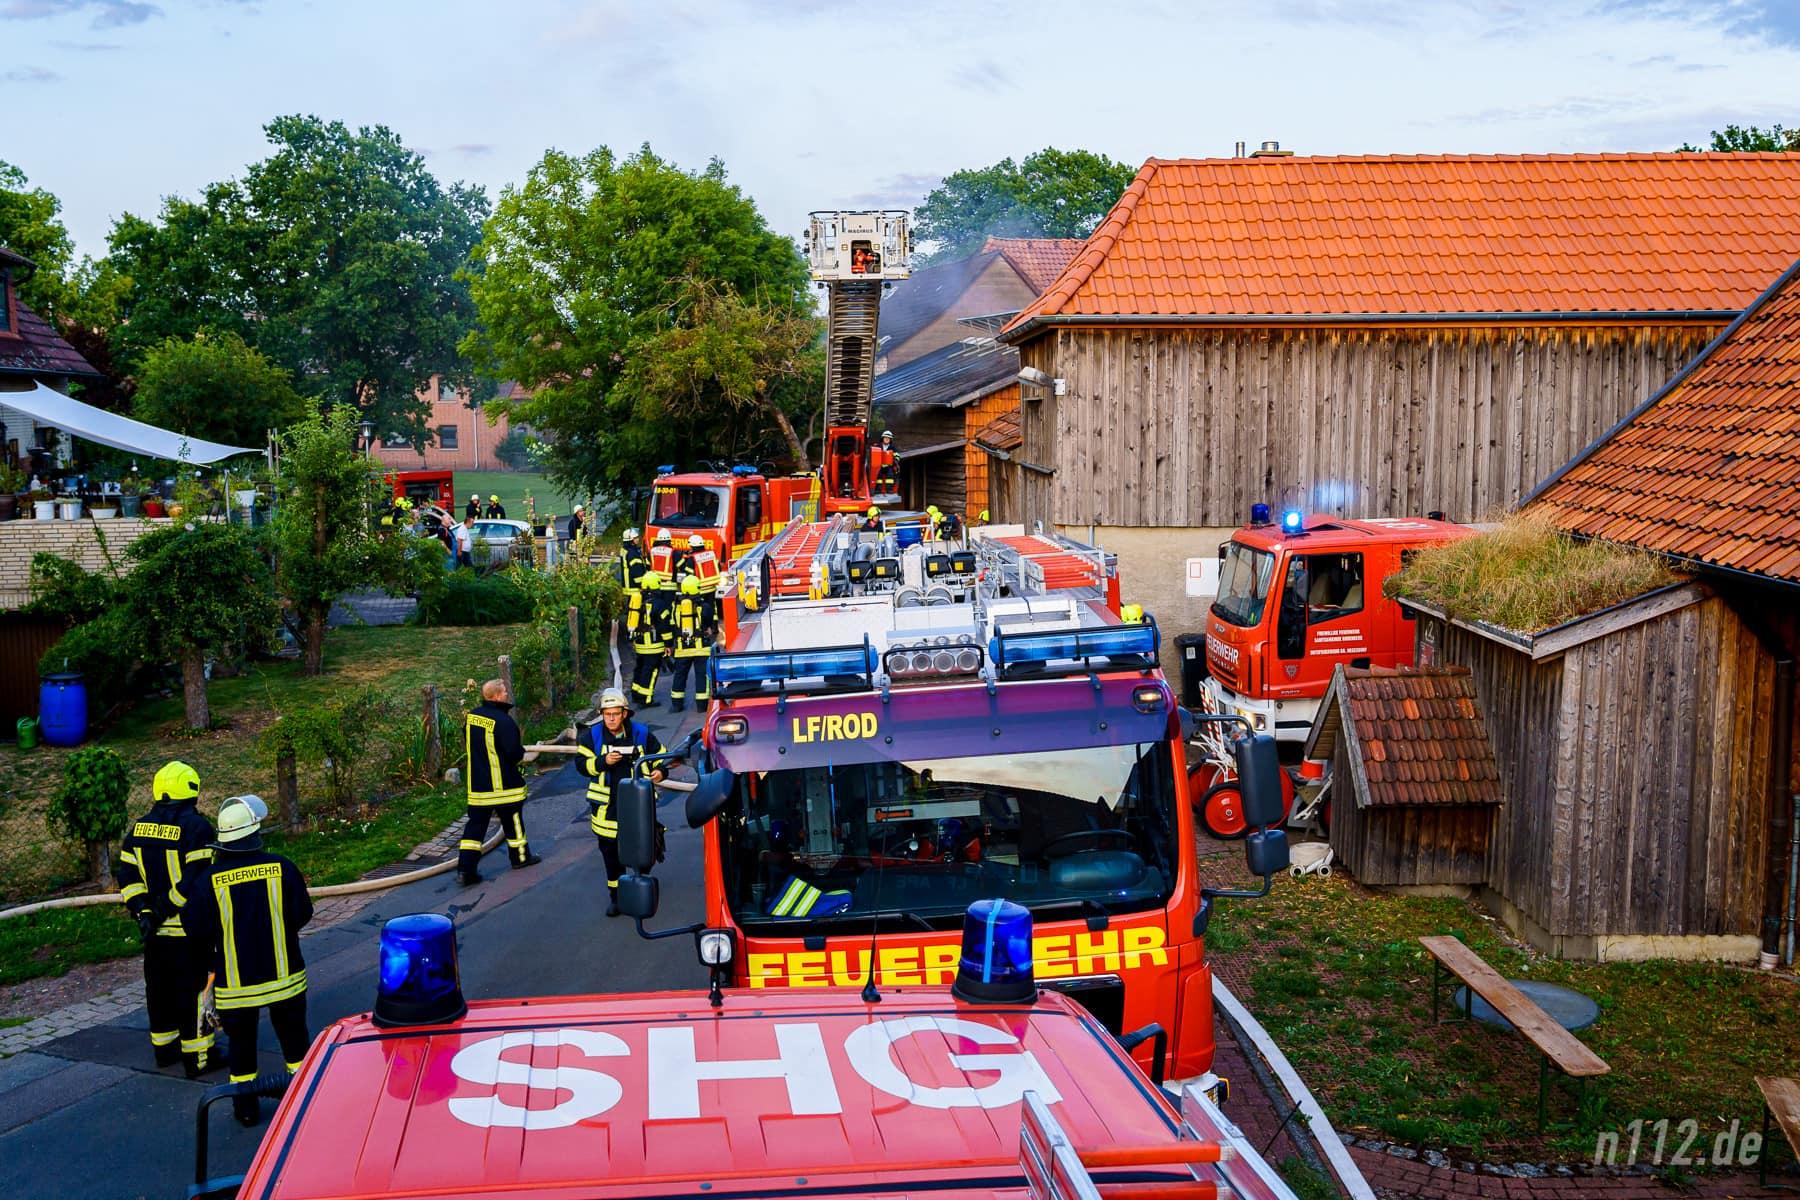 Feuerwehrfahrzeuge stehen in Soldorf (Foto: n112.de/Stefan Simonsen)